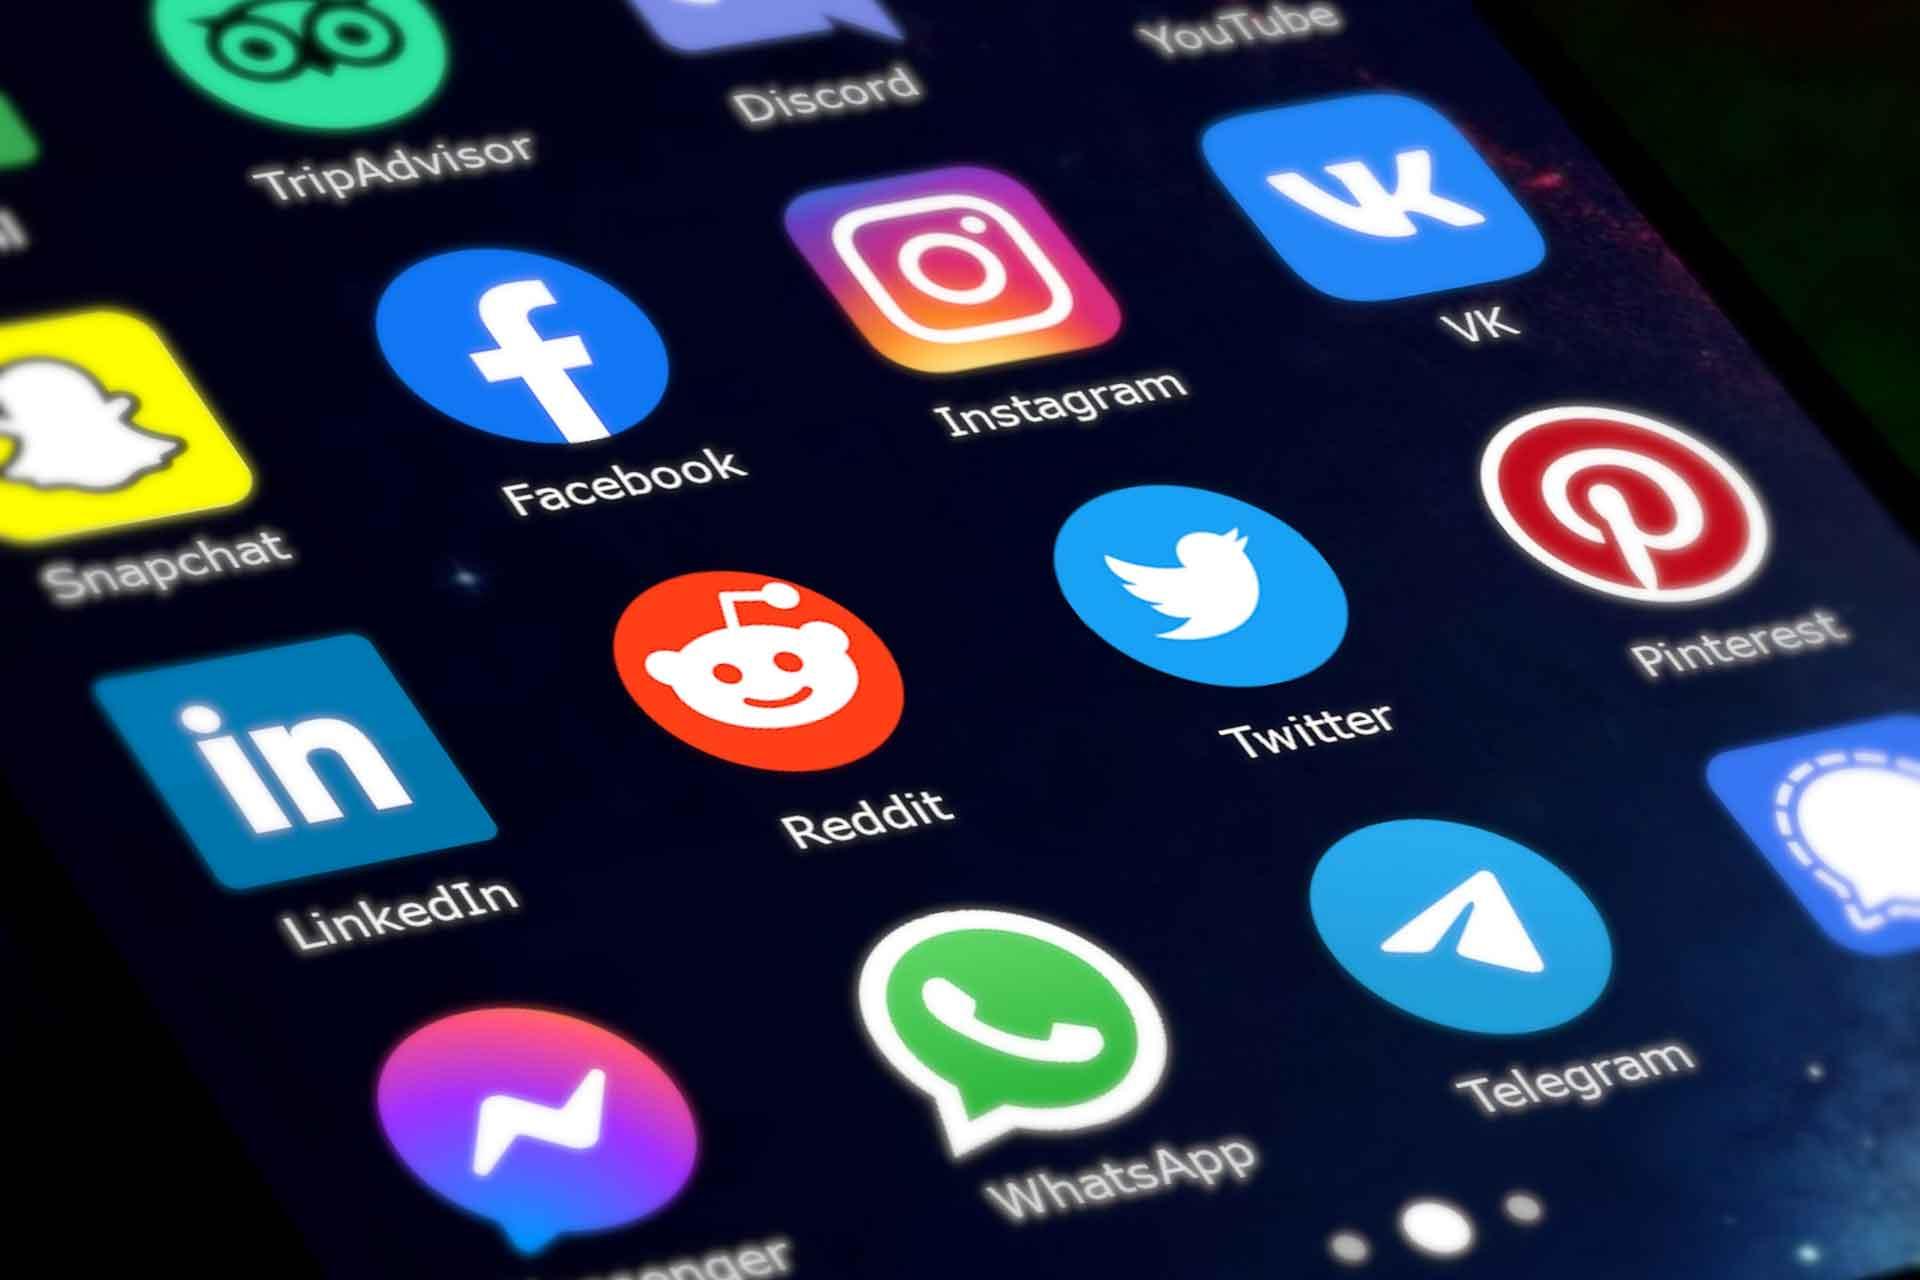 LV-DESIGN-REALIZZAZIONE-SITI-WEB-BOLOGNA-SOCIAL-MEDIA-MARKETING